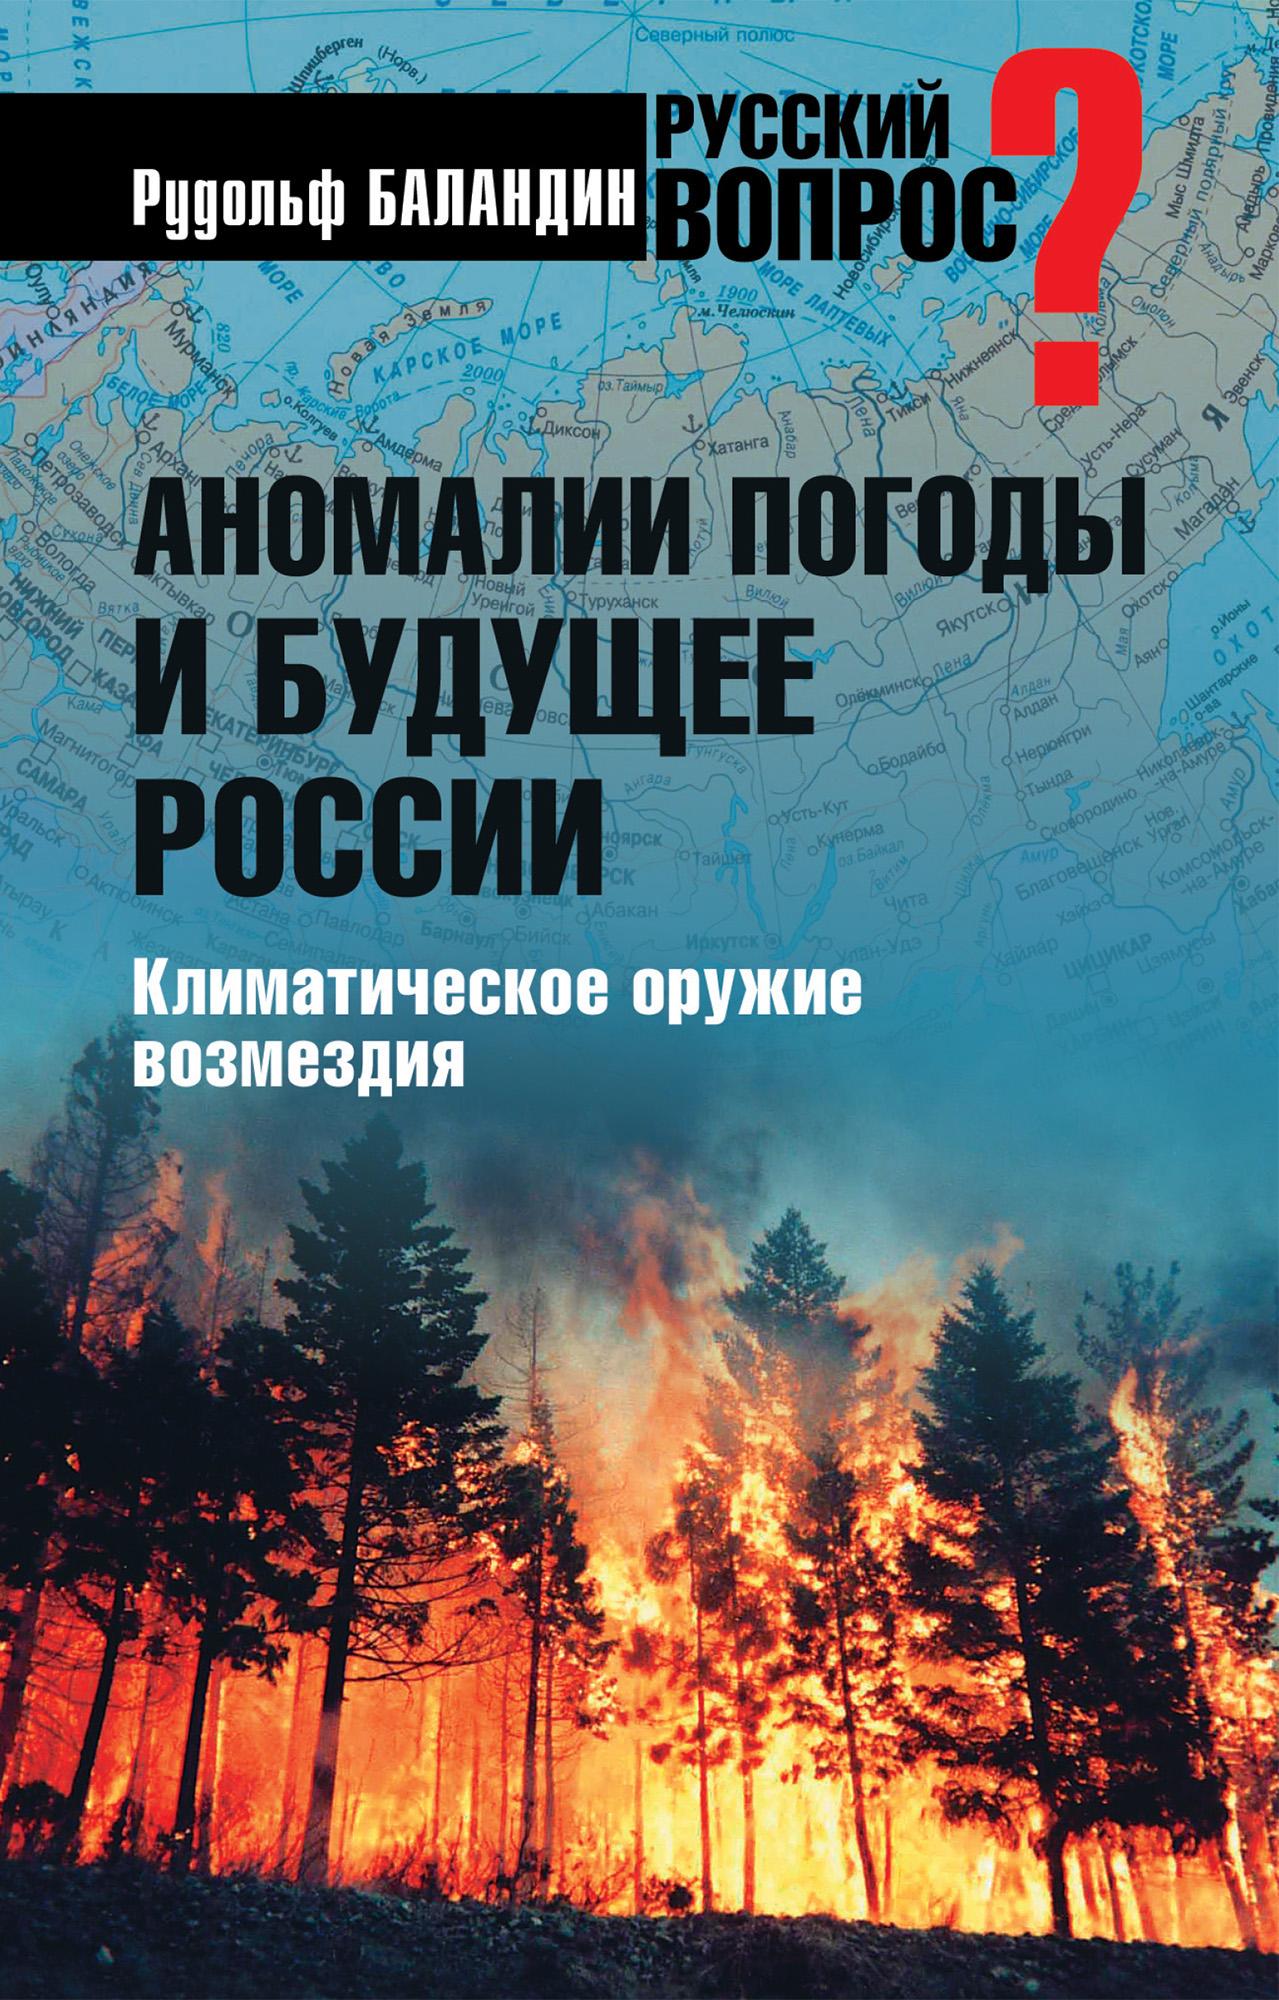 Рудольф Баландин Аномалии погоды и будущее России. Климатическое оружие возмездия